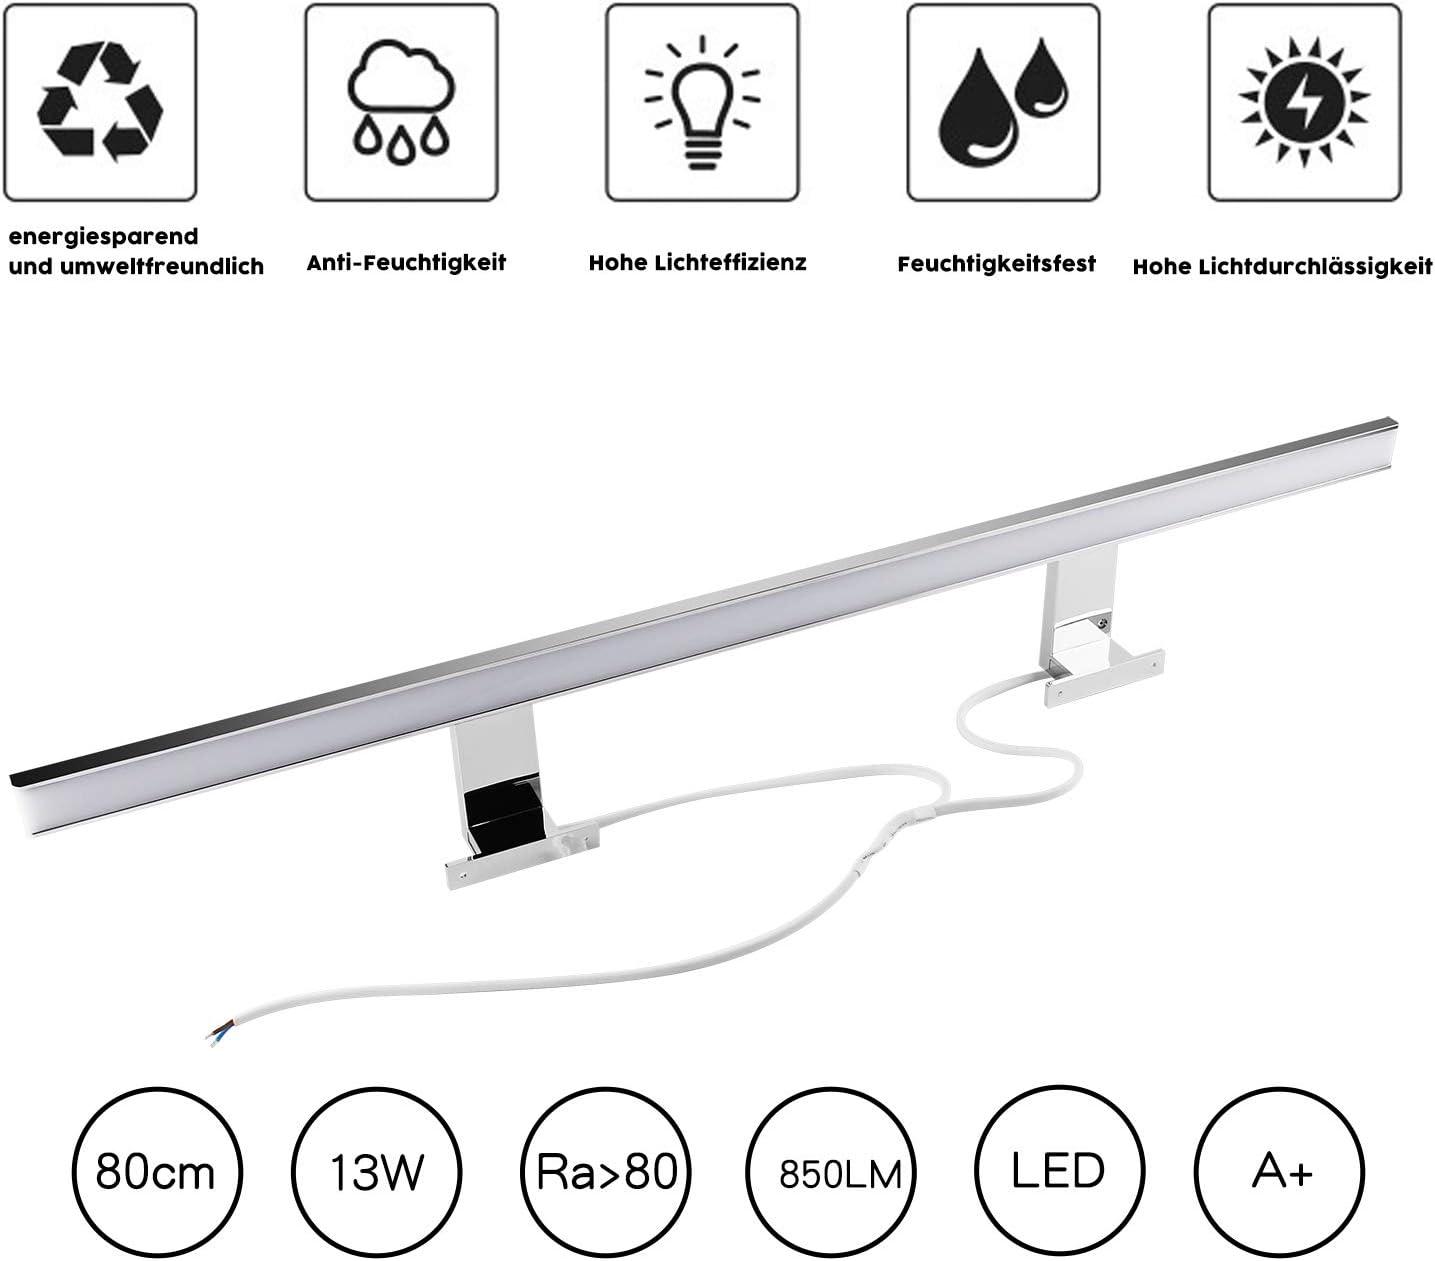 6W LED Miroir de Lumi/ère 400lm Energy Class A + Blanc Chaud 40cm Chrome 3000K Lampe de Salle de Bains Applique Murale Applique Murale CRI 80 40x2835SMDs